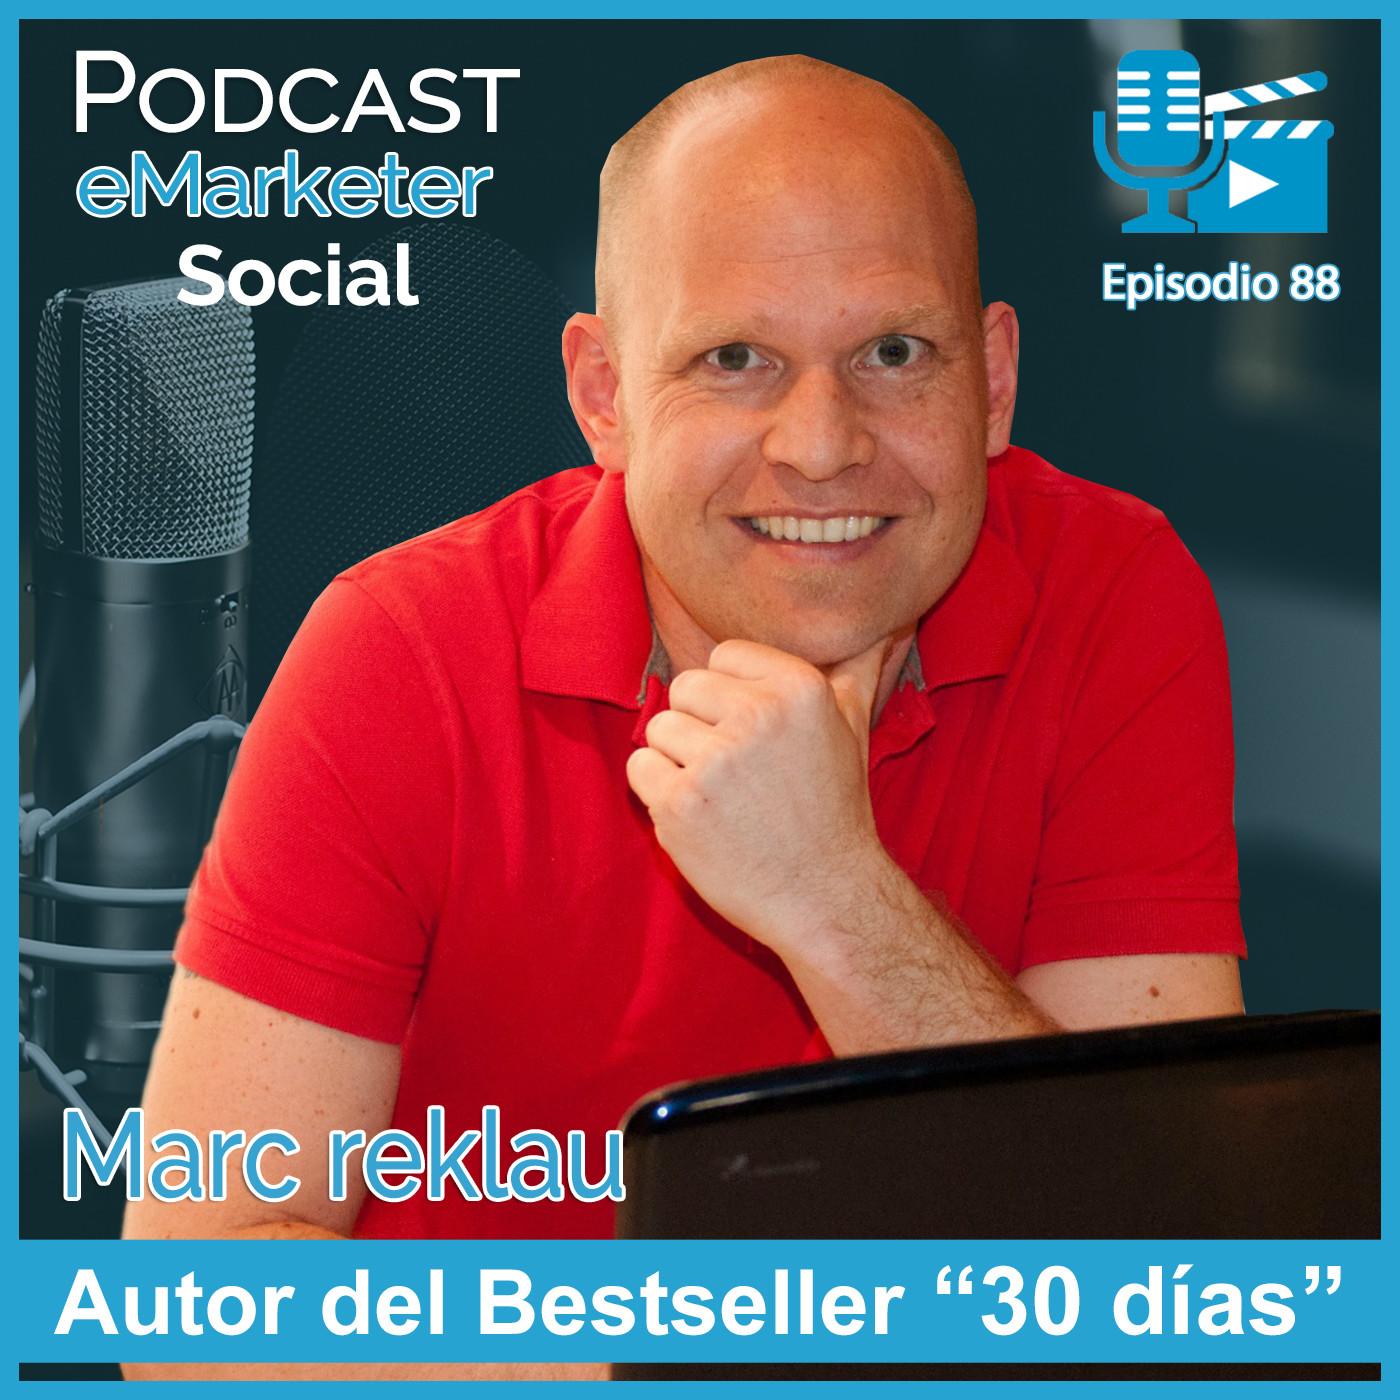 088 Parte final de la charla con Marc Reklau en Podcast eMarketerSocial